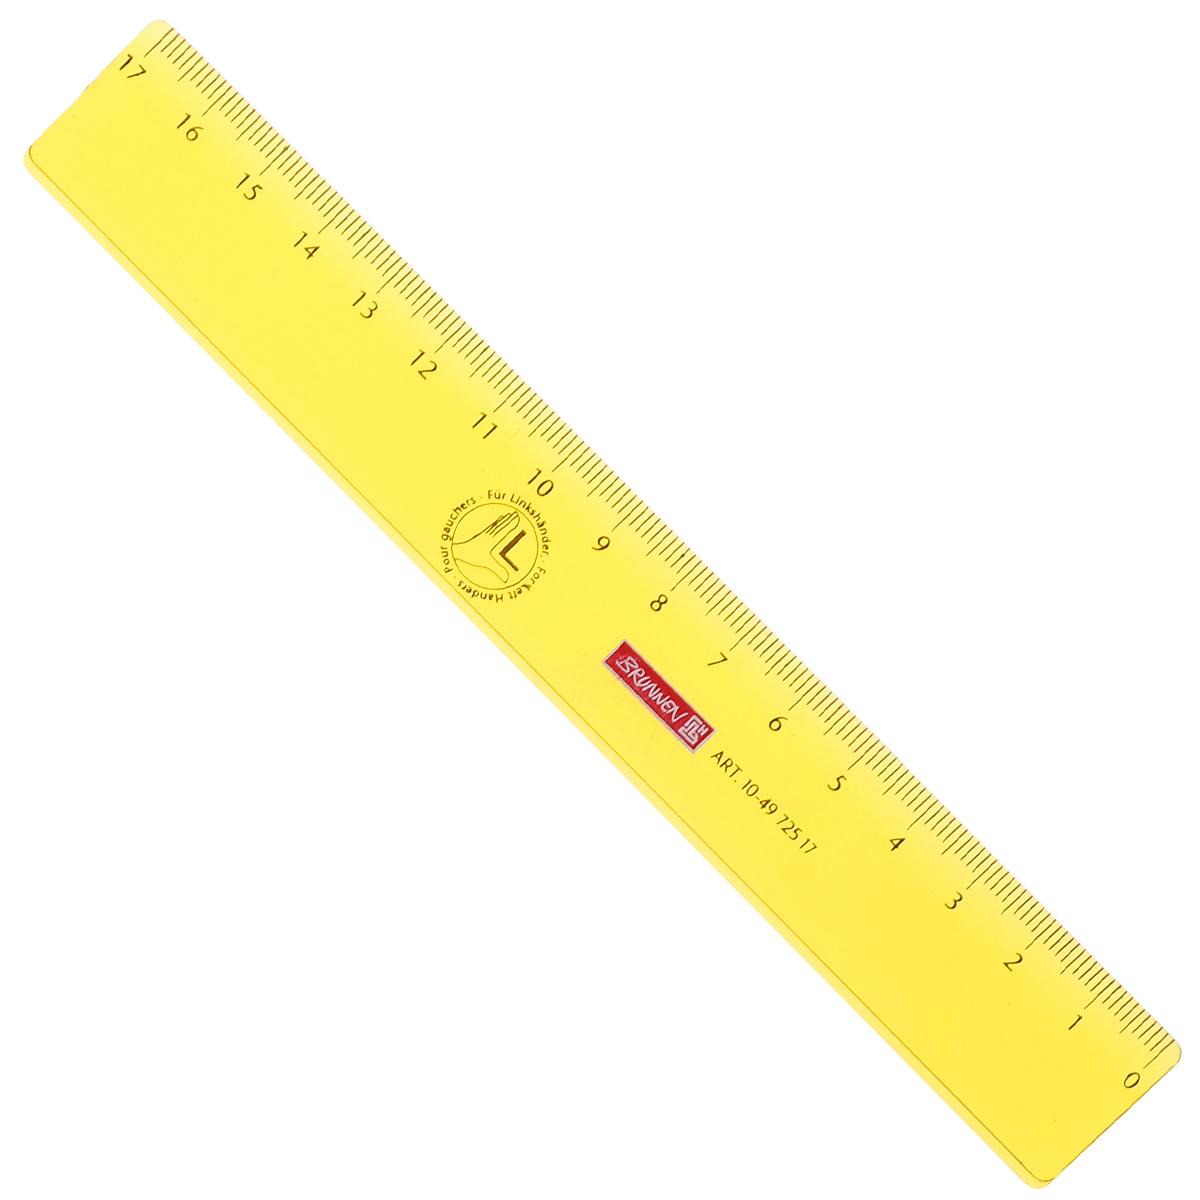 Линейка для левши Brunnen, цвет: желтый, 17 см72523WDЛинейка Brunnen, длиной 17 см, выполнена из прозрачного пластика желтого цвета. Линейка предназначена специально для левшей. Шкала на линейке расположена справа налево. Линейка Brunnen - это незаменимый атрибут, необходимый школьнику или студенту, упрощающий измерение и обеспечивающий ровность проводимых линий.